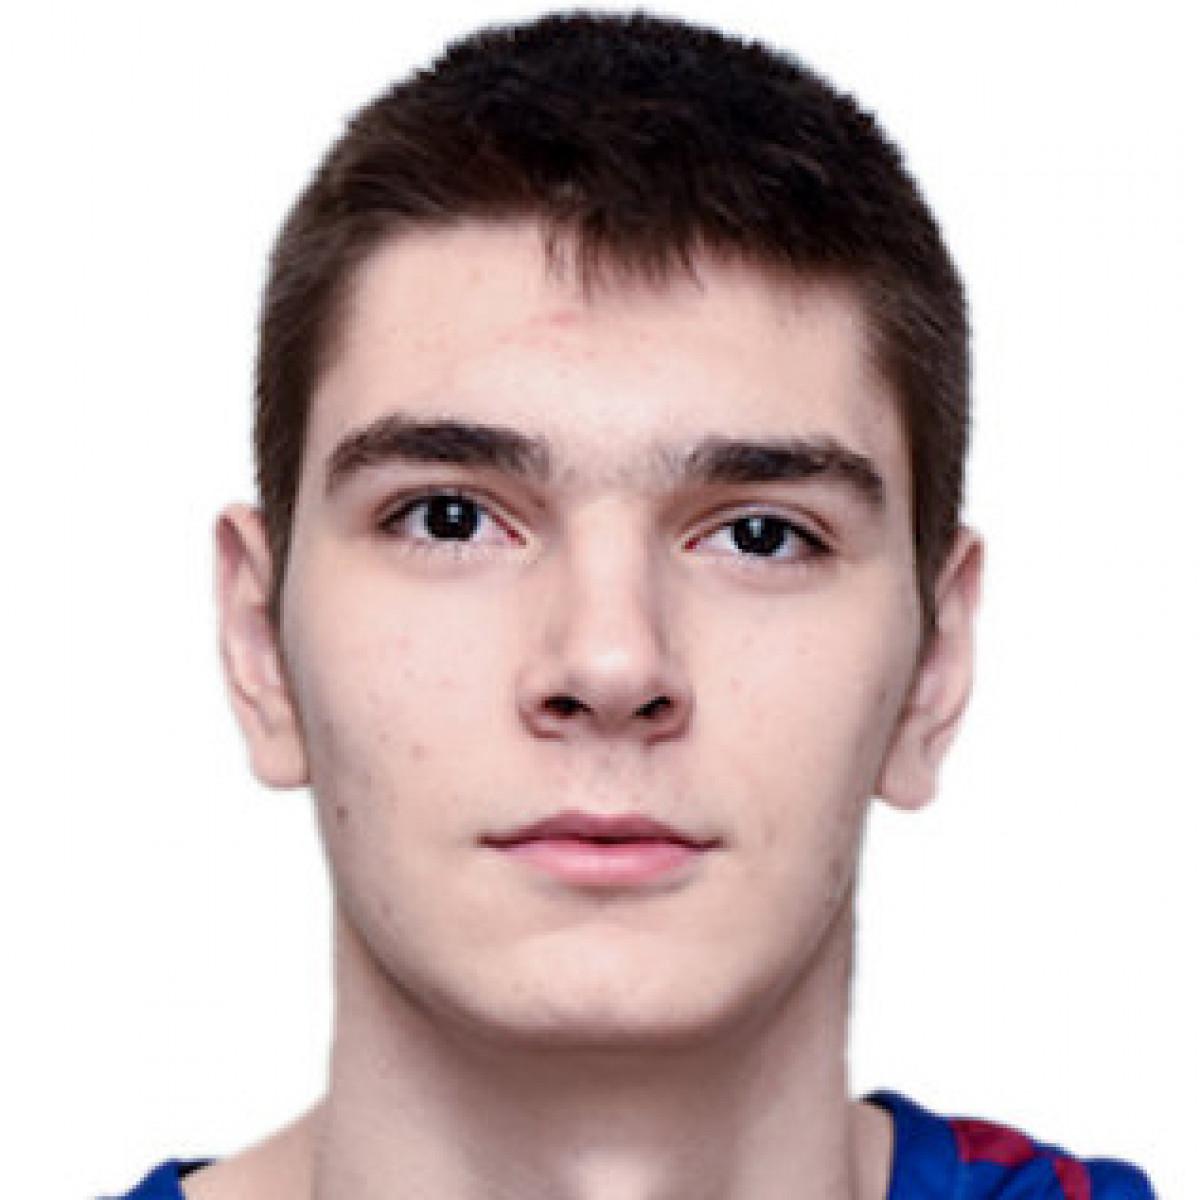 Teodor Simic